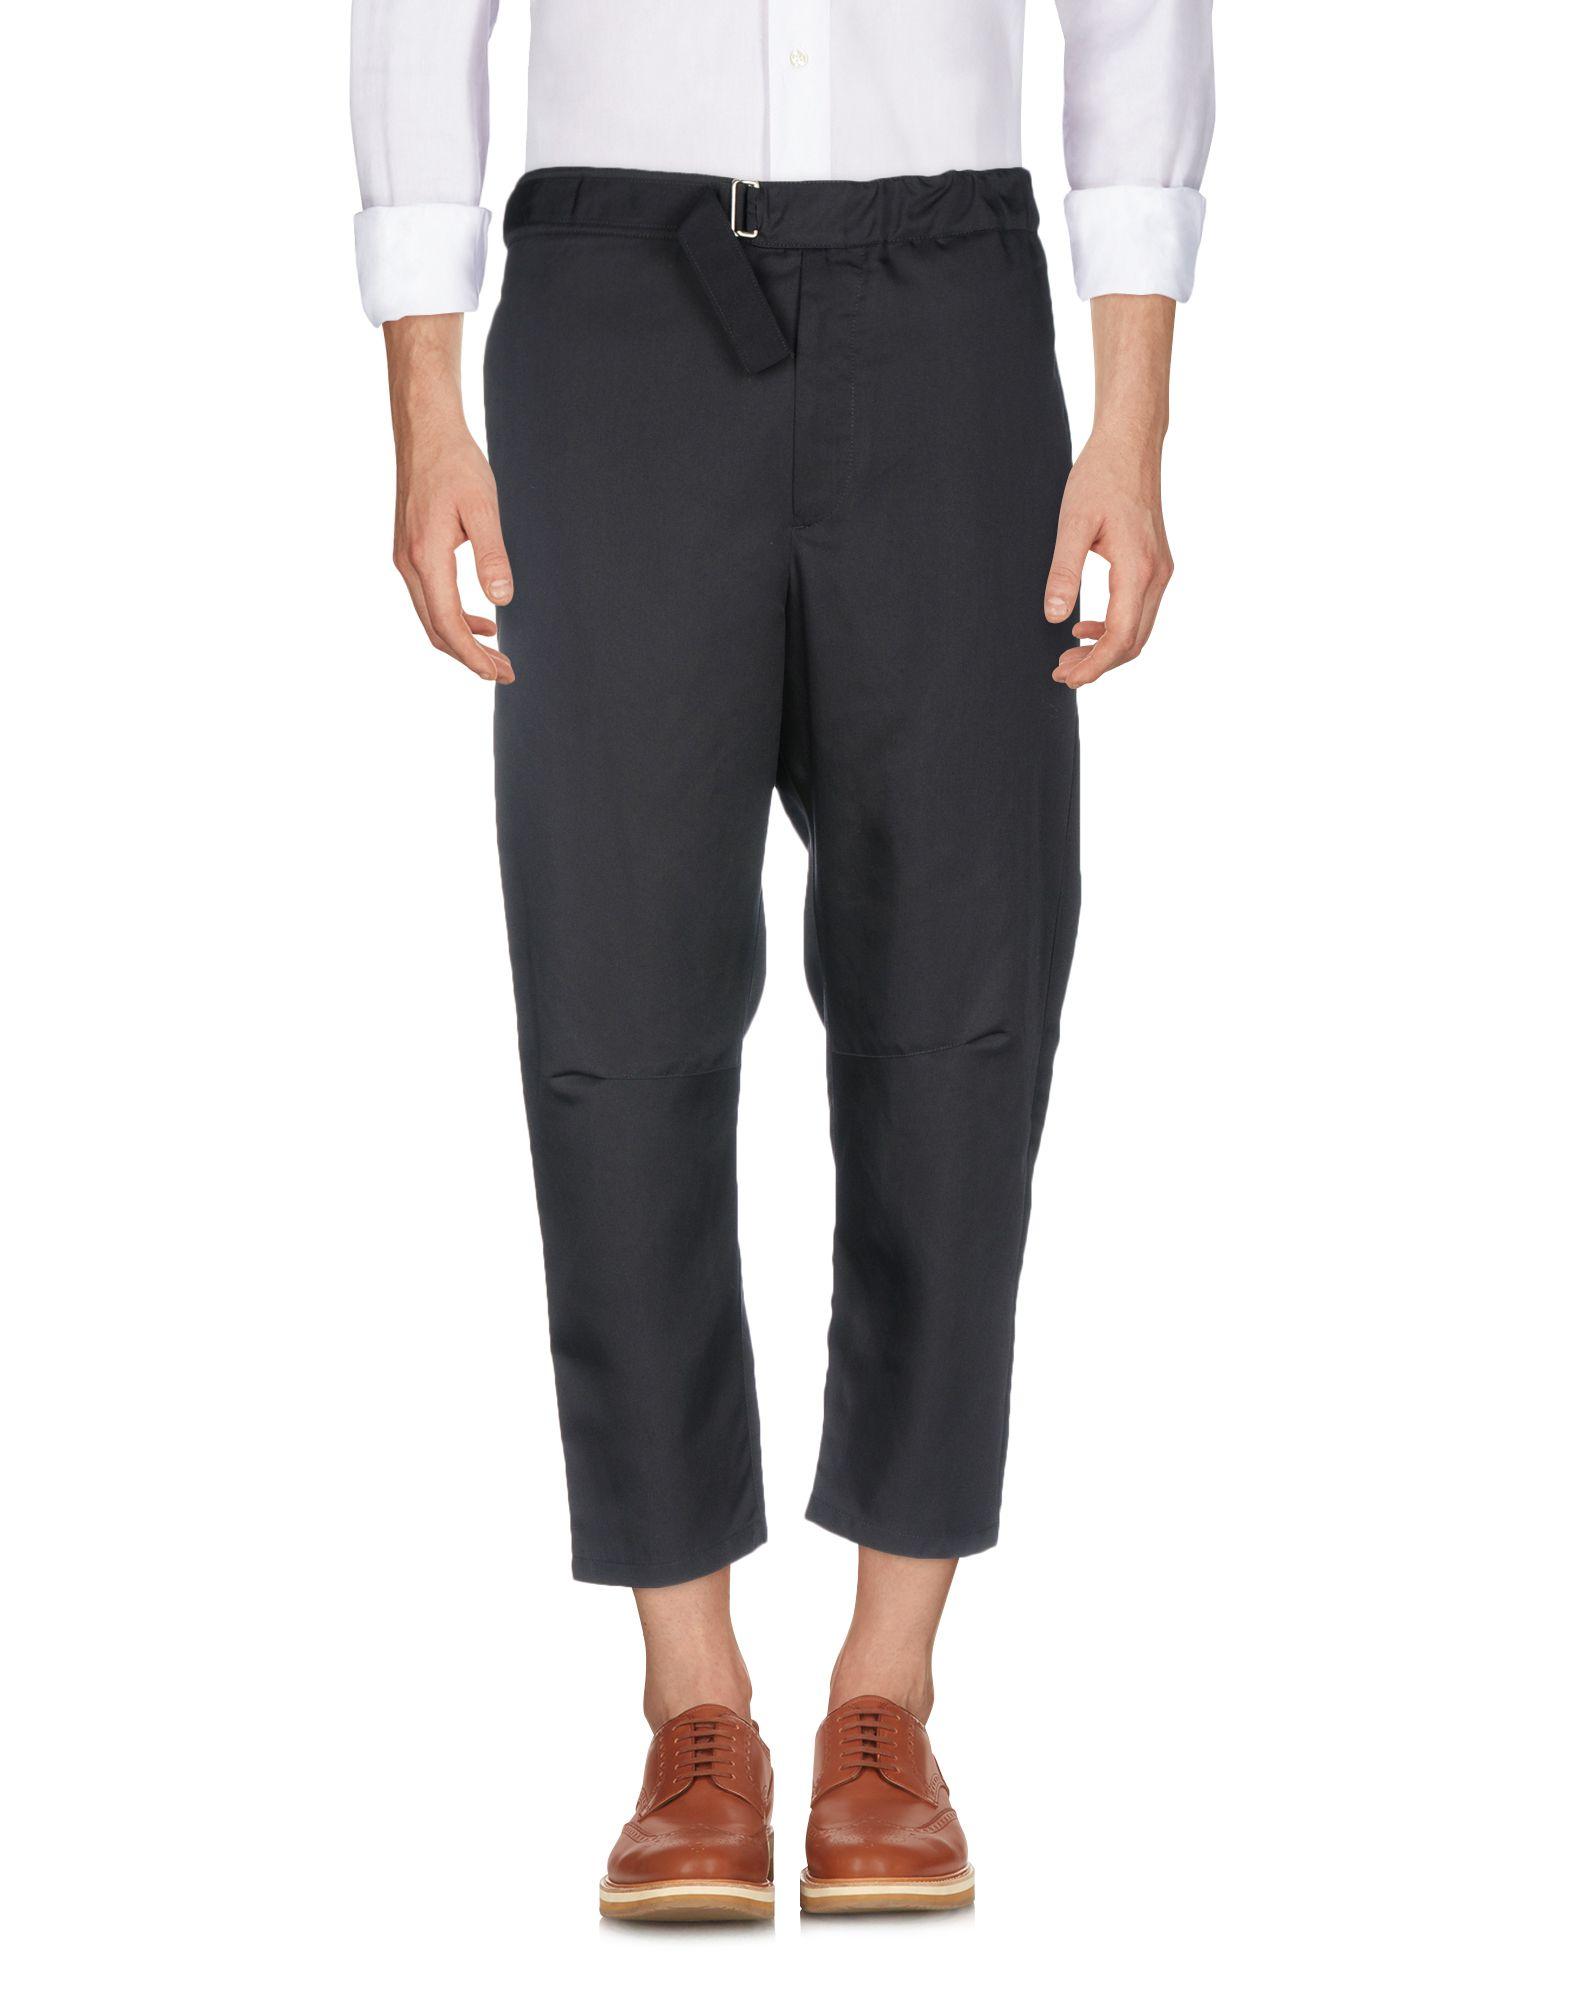 Pantalone Capri Oamc Uomo - Acquista online su